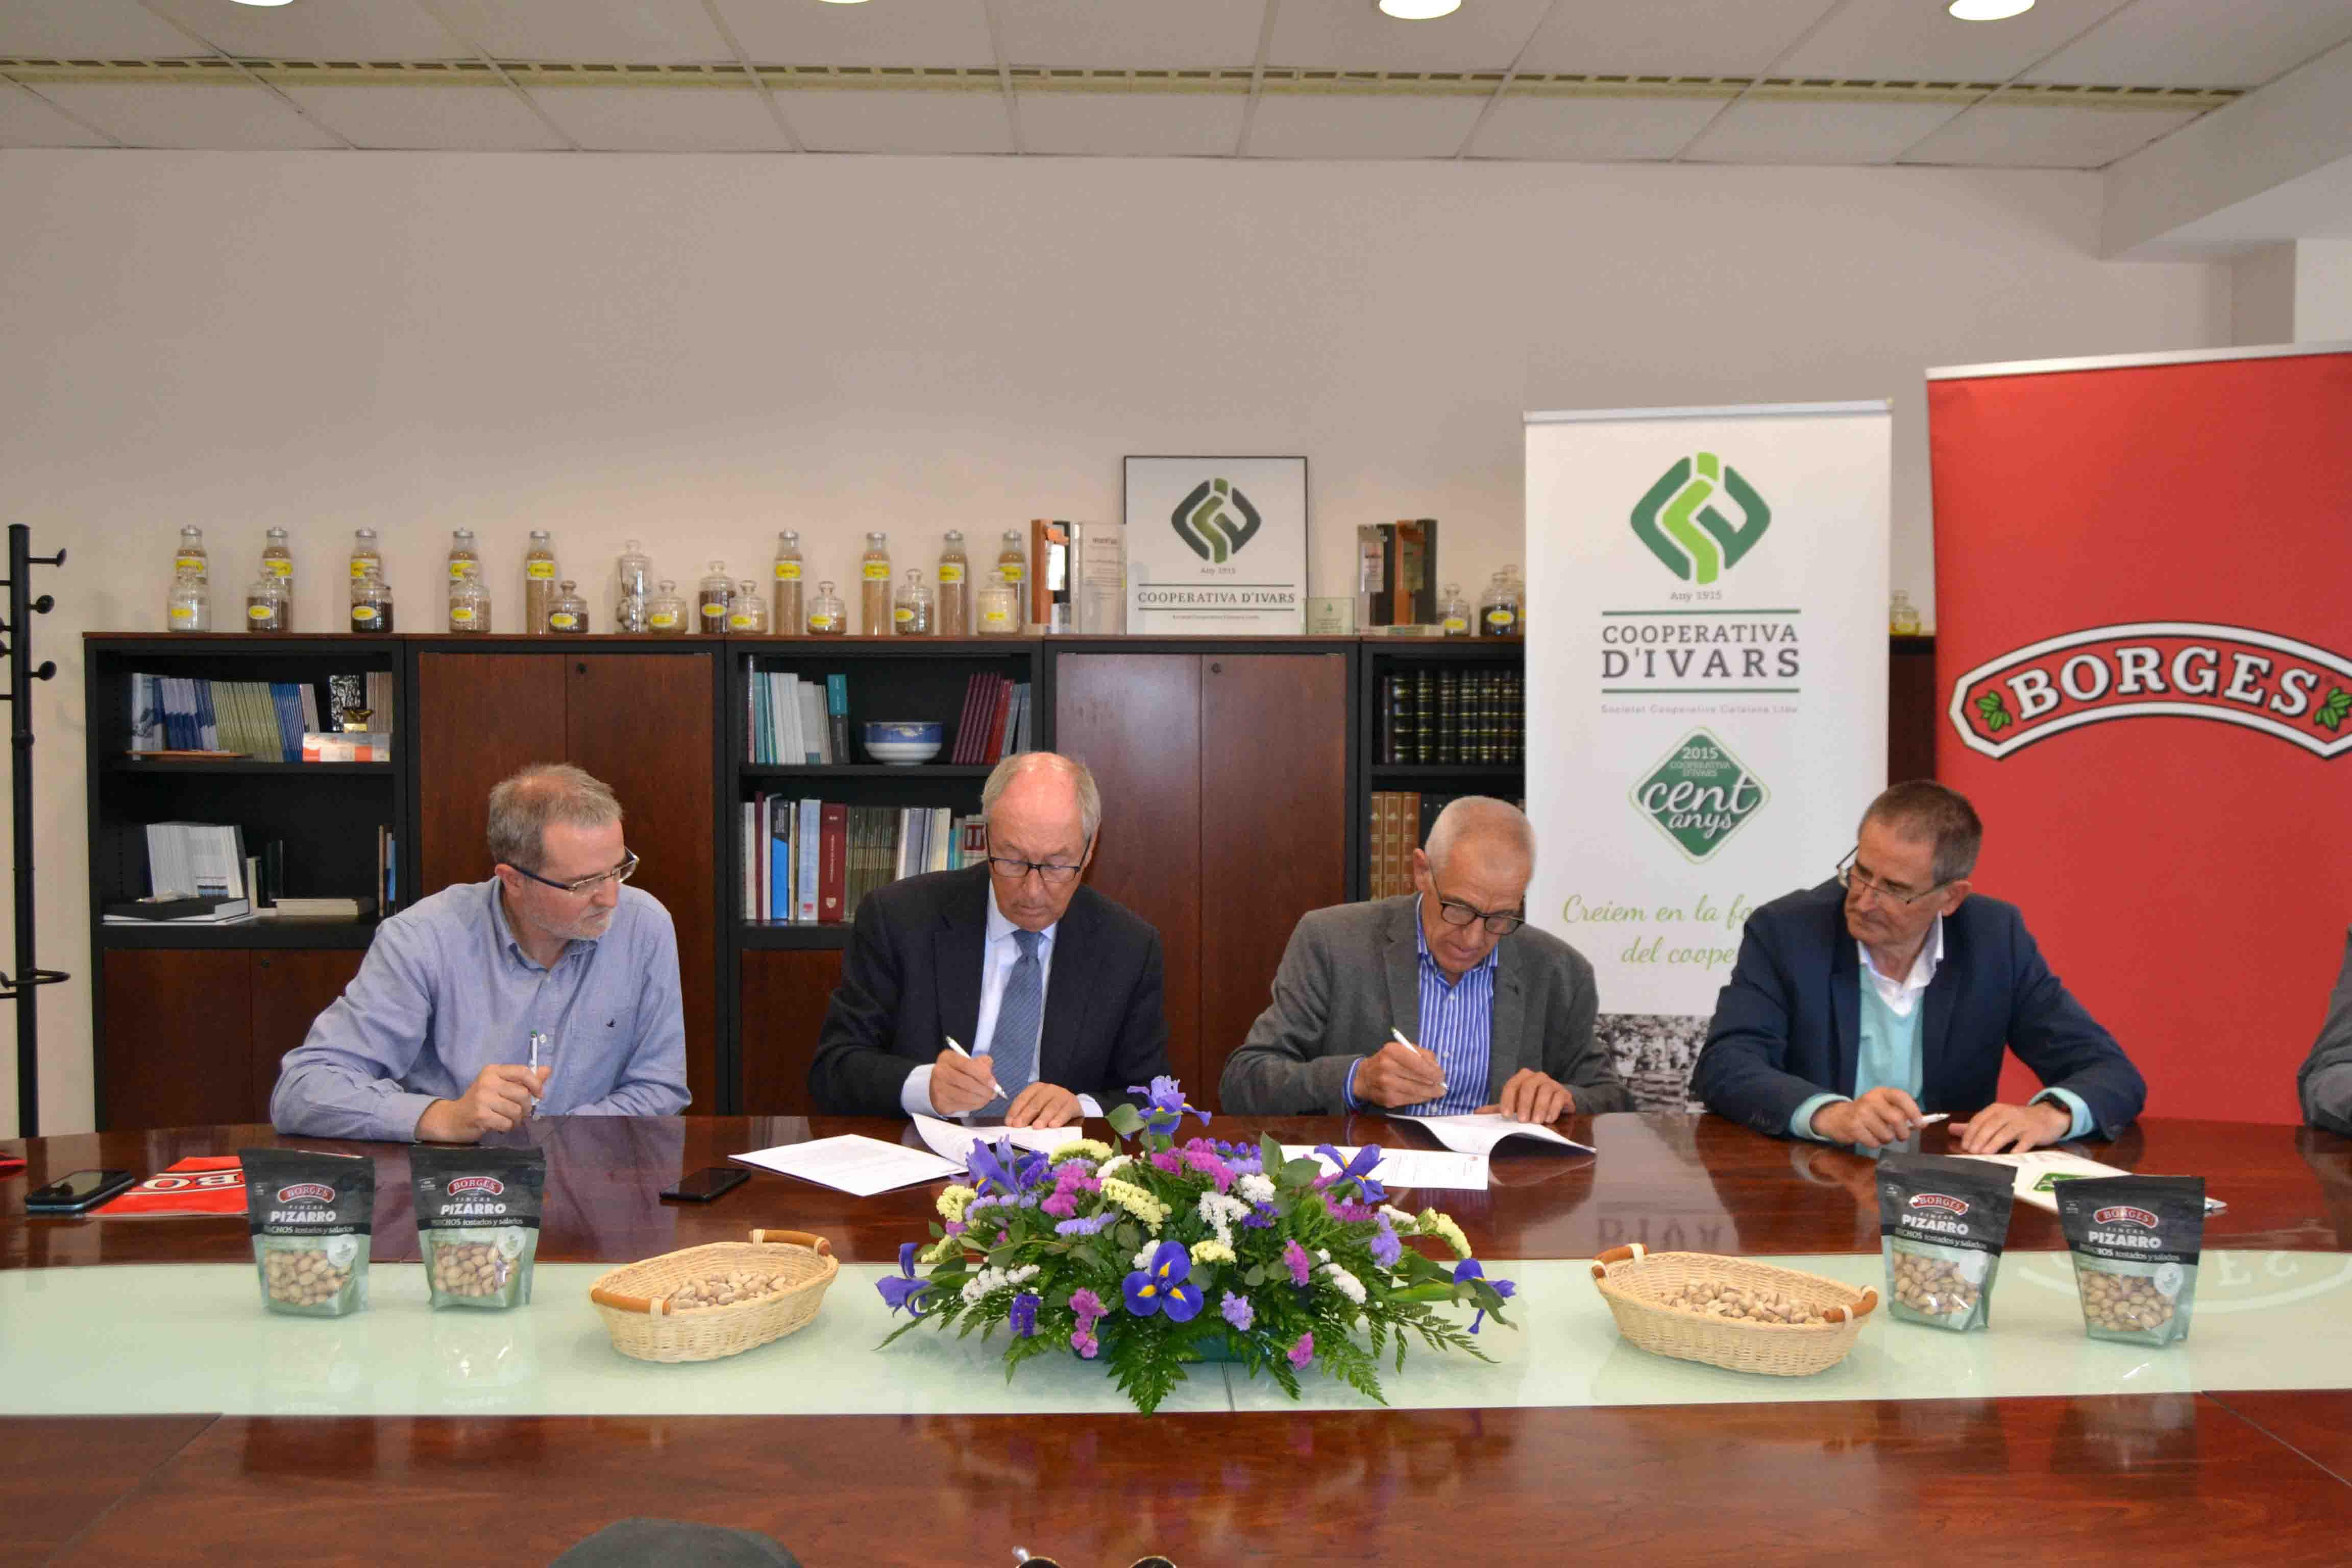 Borges Agricultural & Industrial Nuts i la Cooperativa d'Ivars signen un acord de cooperació vertical pel desenvolupament del cultiu de pistatxos